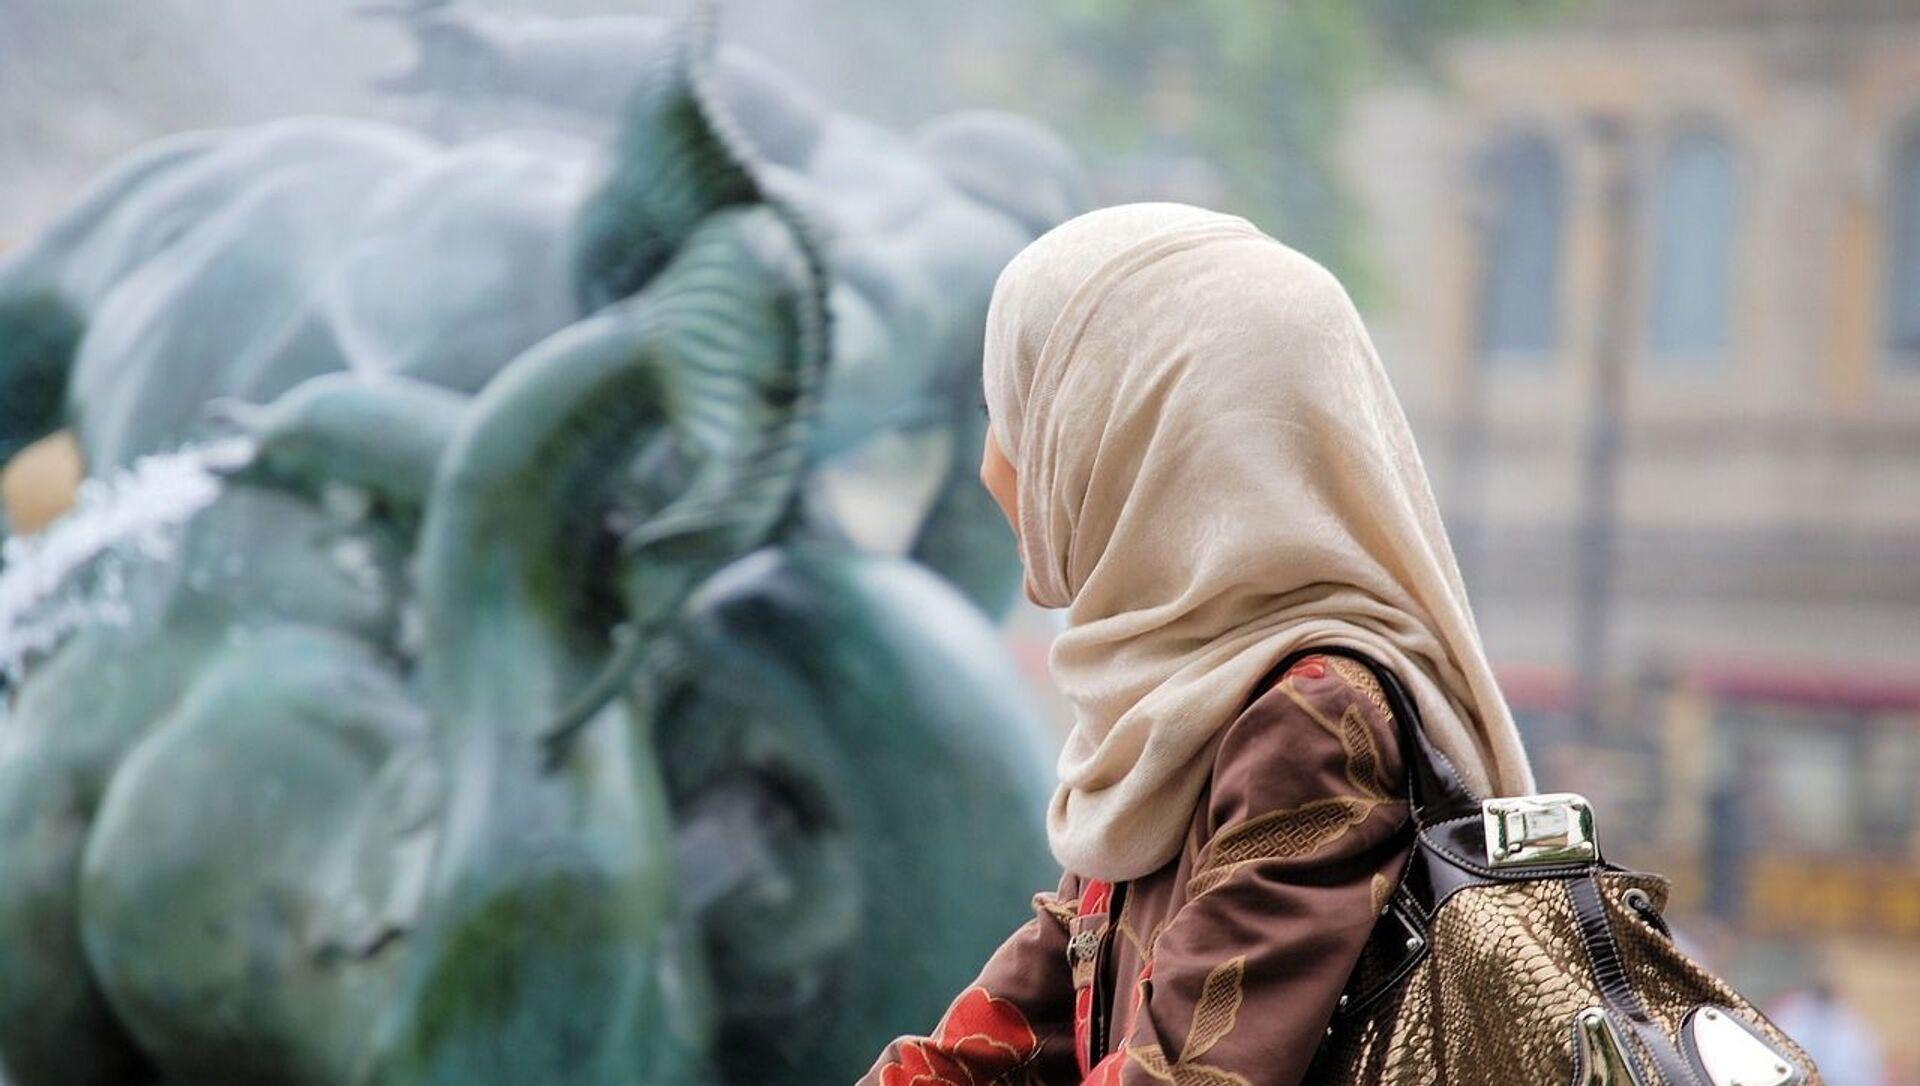 Jeune femme portant un voile musulman  - Sputnik France, 1920, 01.09.2021